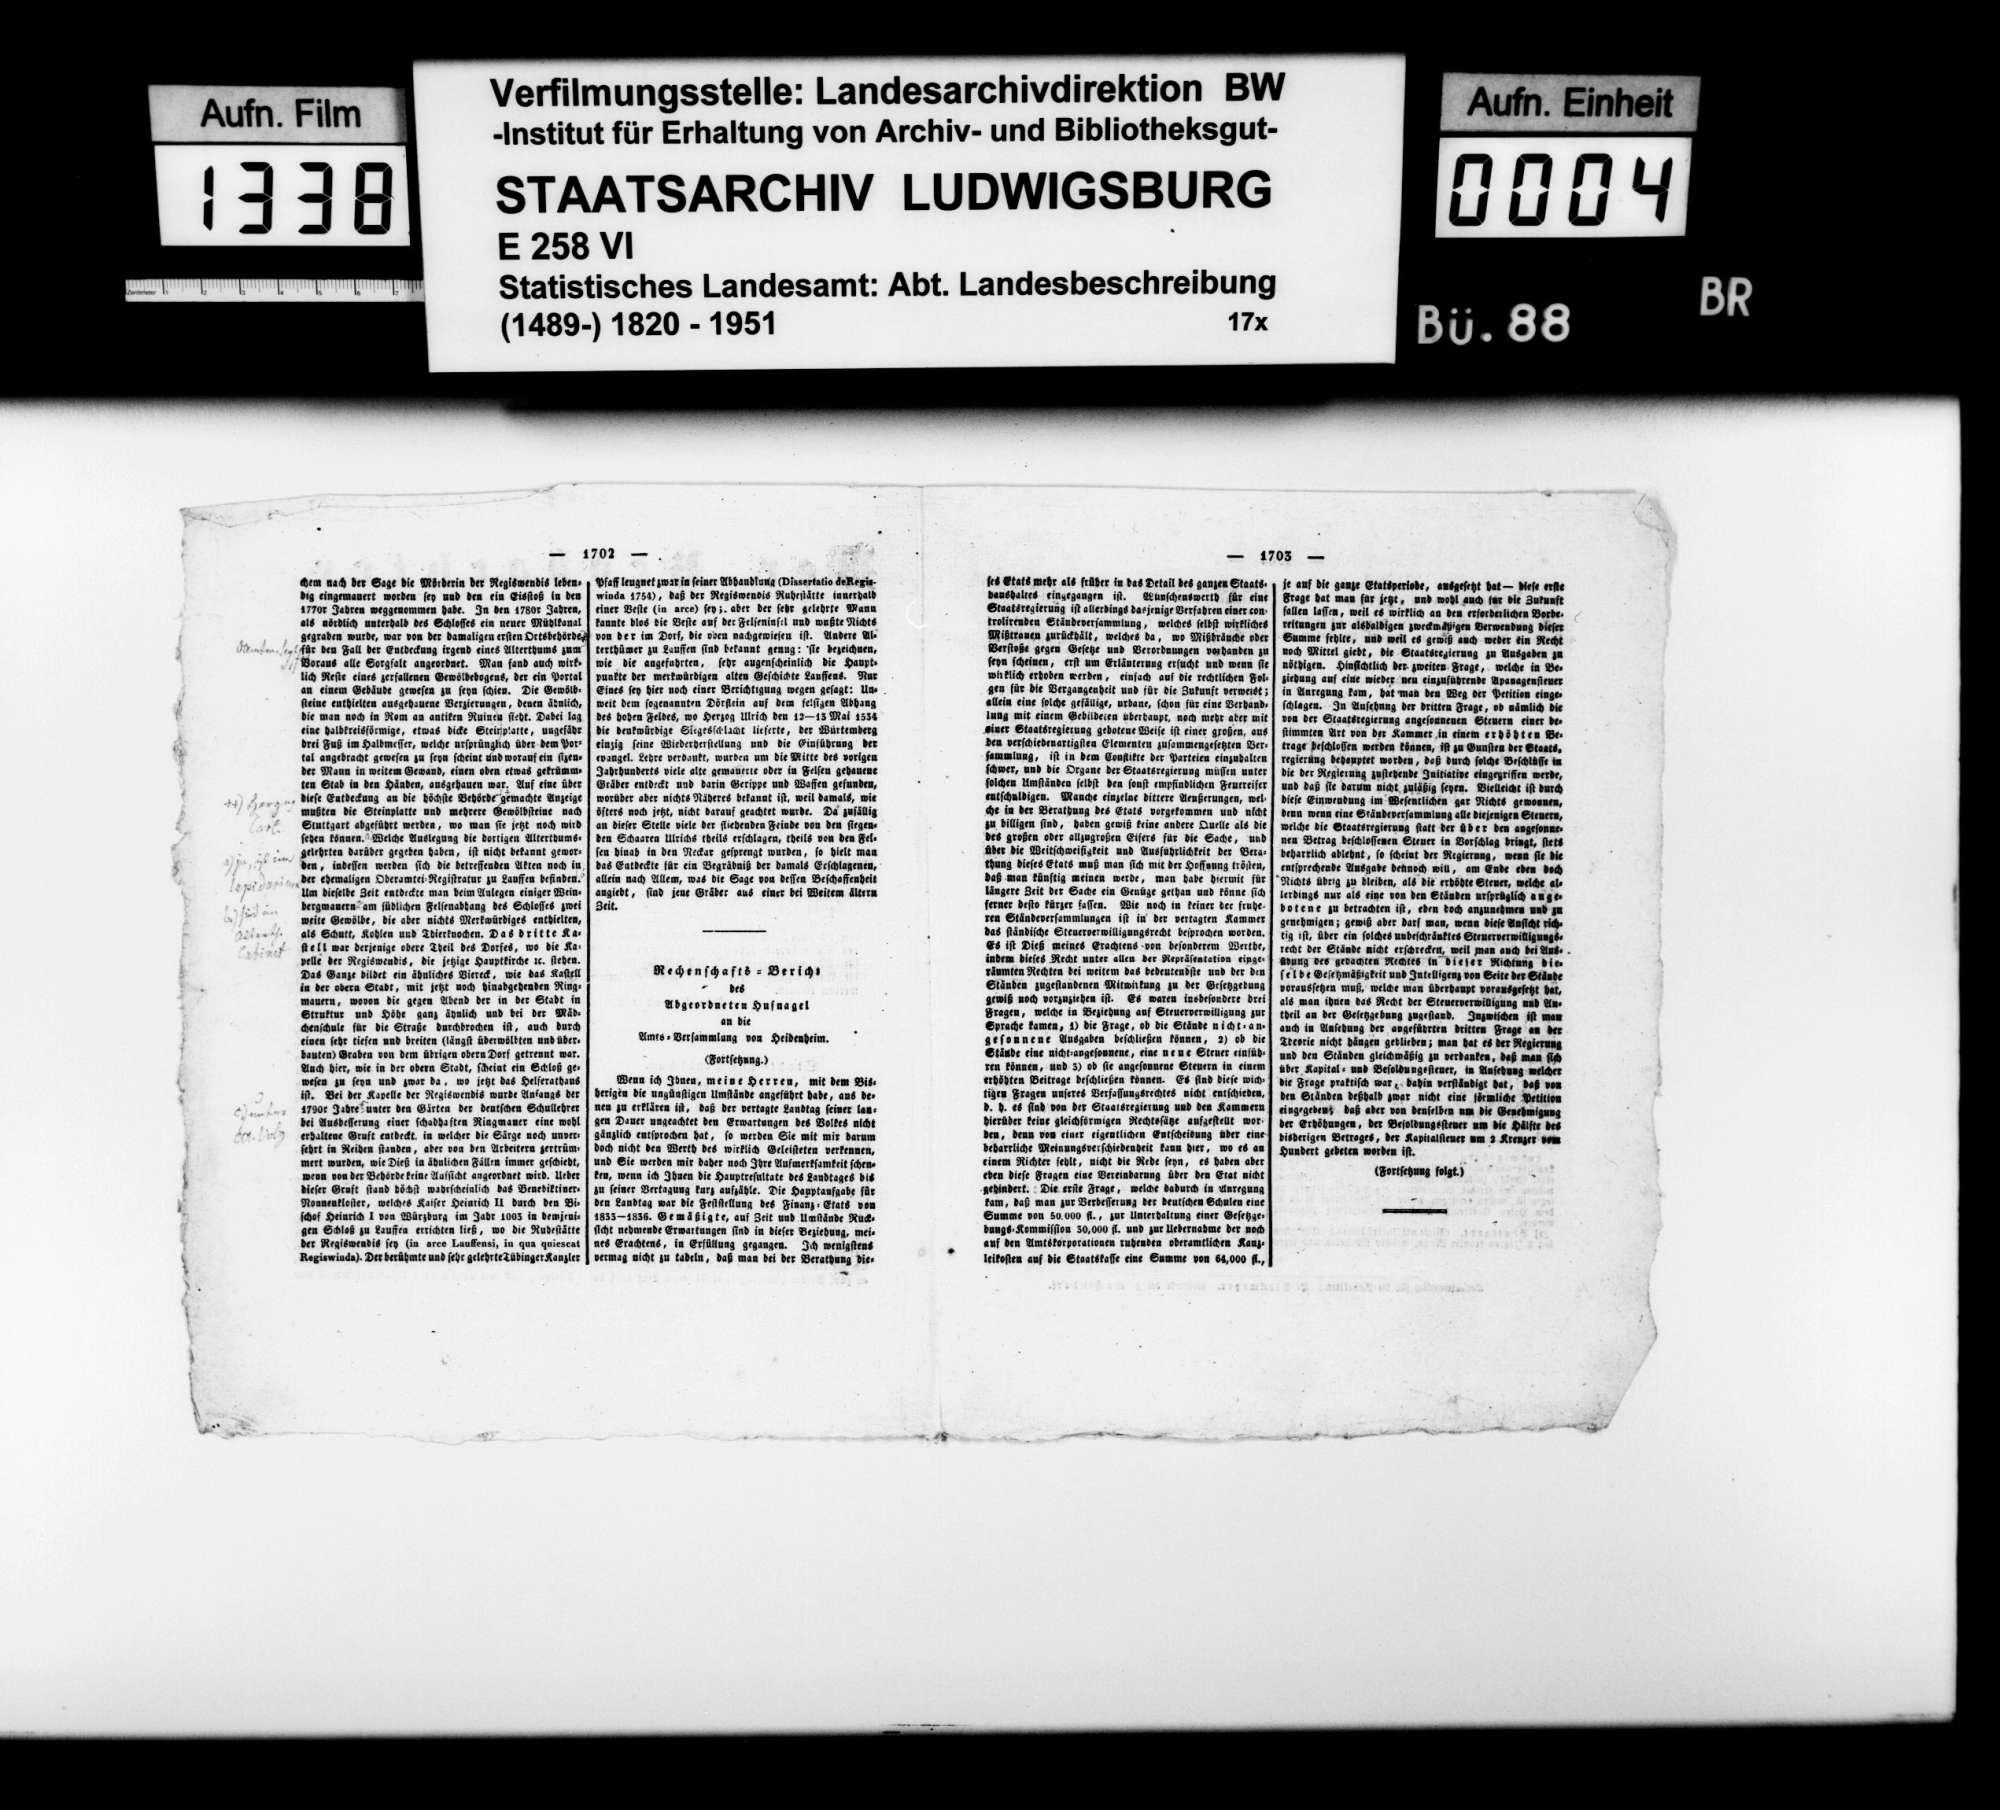 Beiträge und Notizen [des Kupferstechers August Seyffer] zum Verzeichnis und Erhalt württembergischer Altertümer, Bild 3